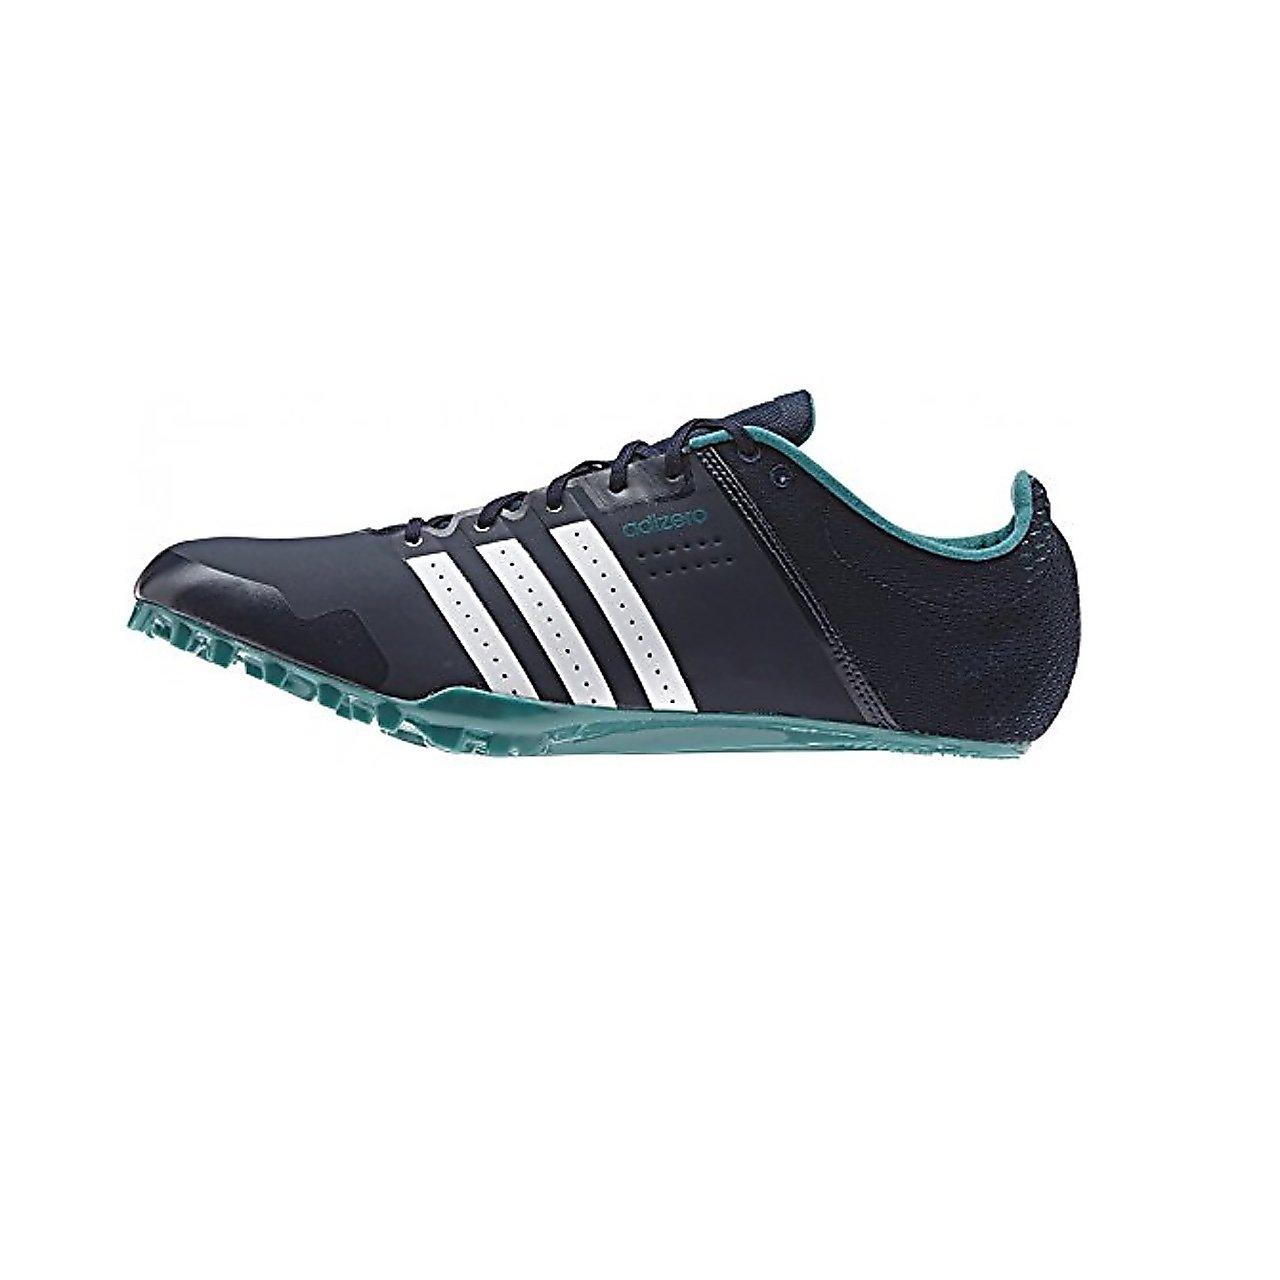 Adidas Adizero Finesse Zapatilla De Correr Con Clavos - SS16